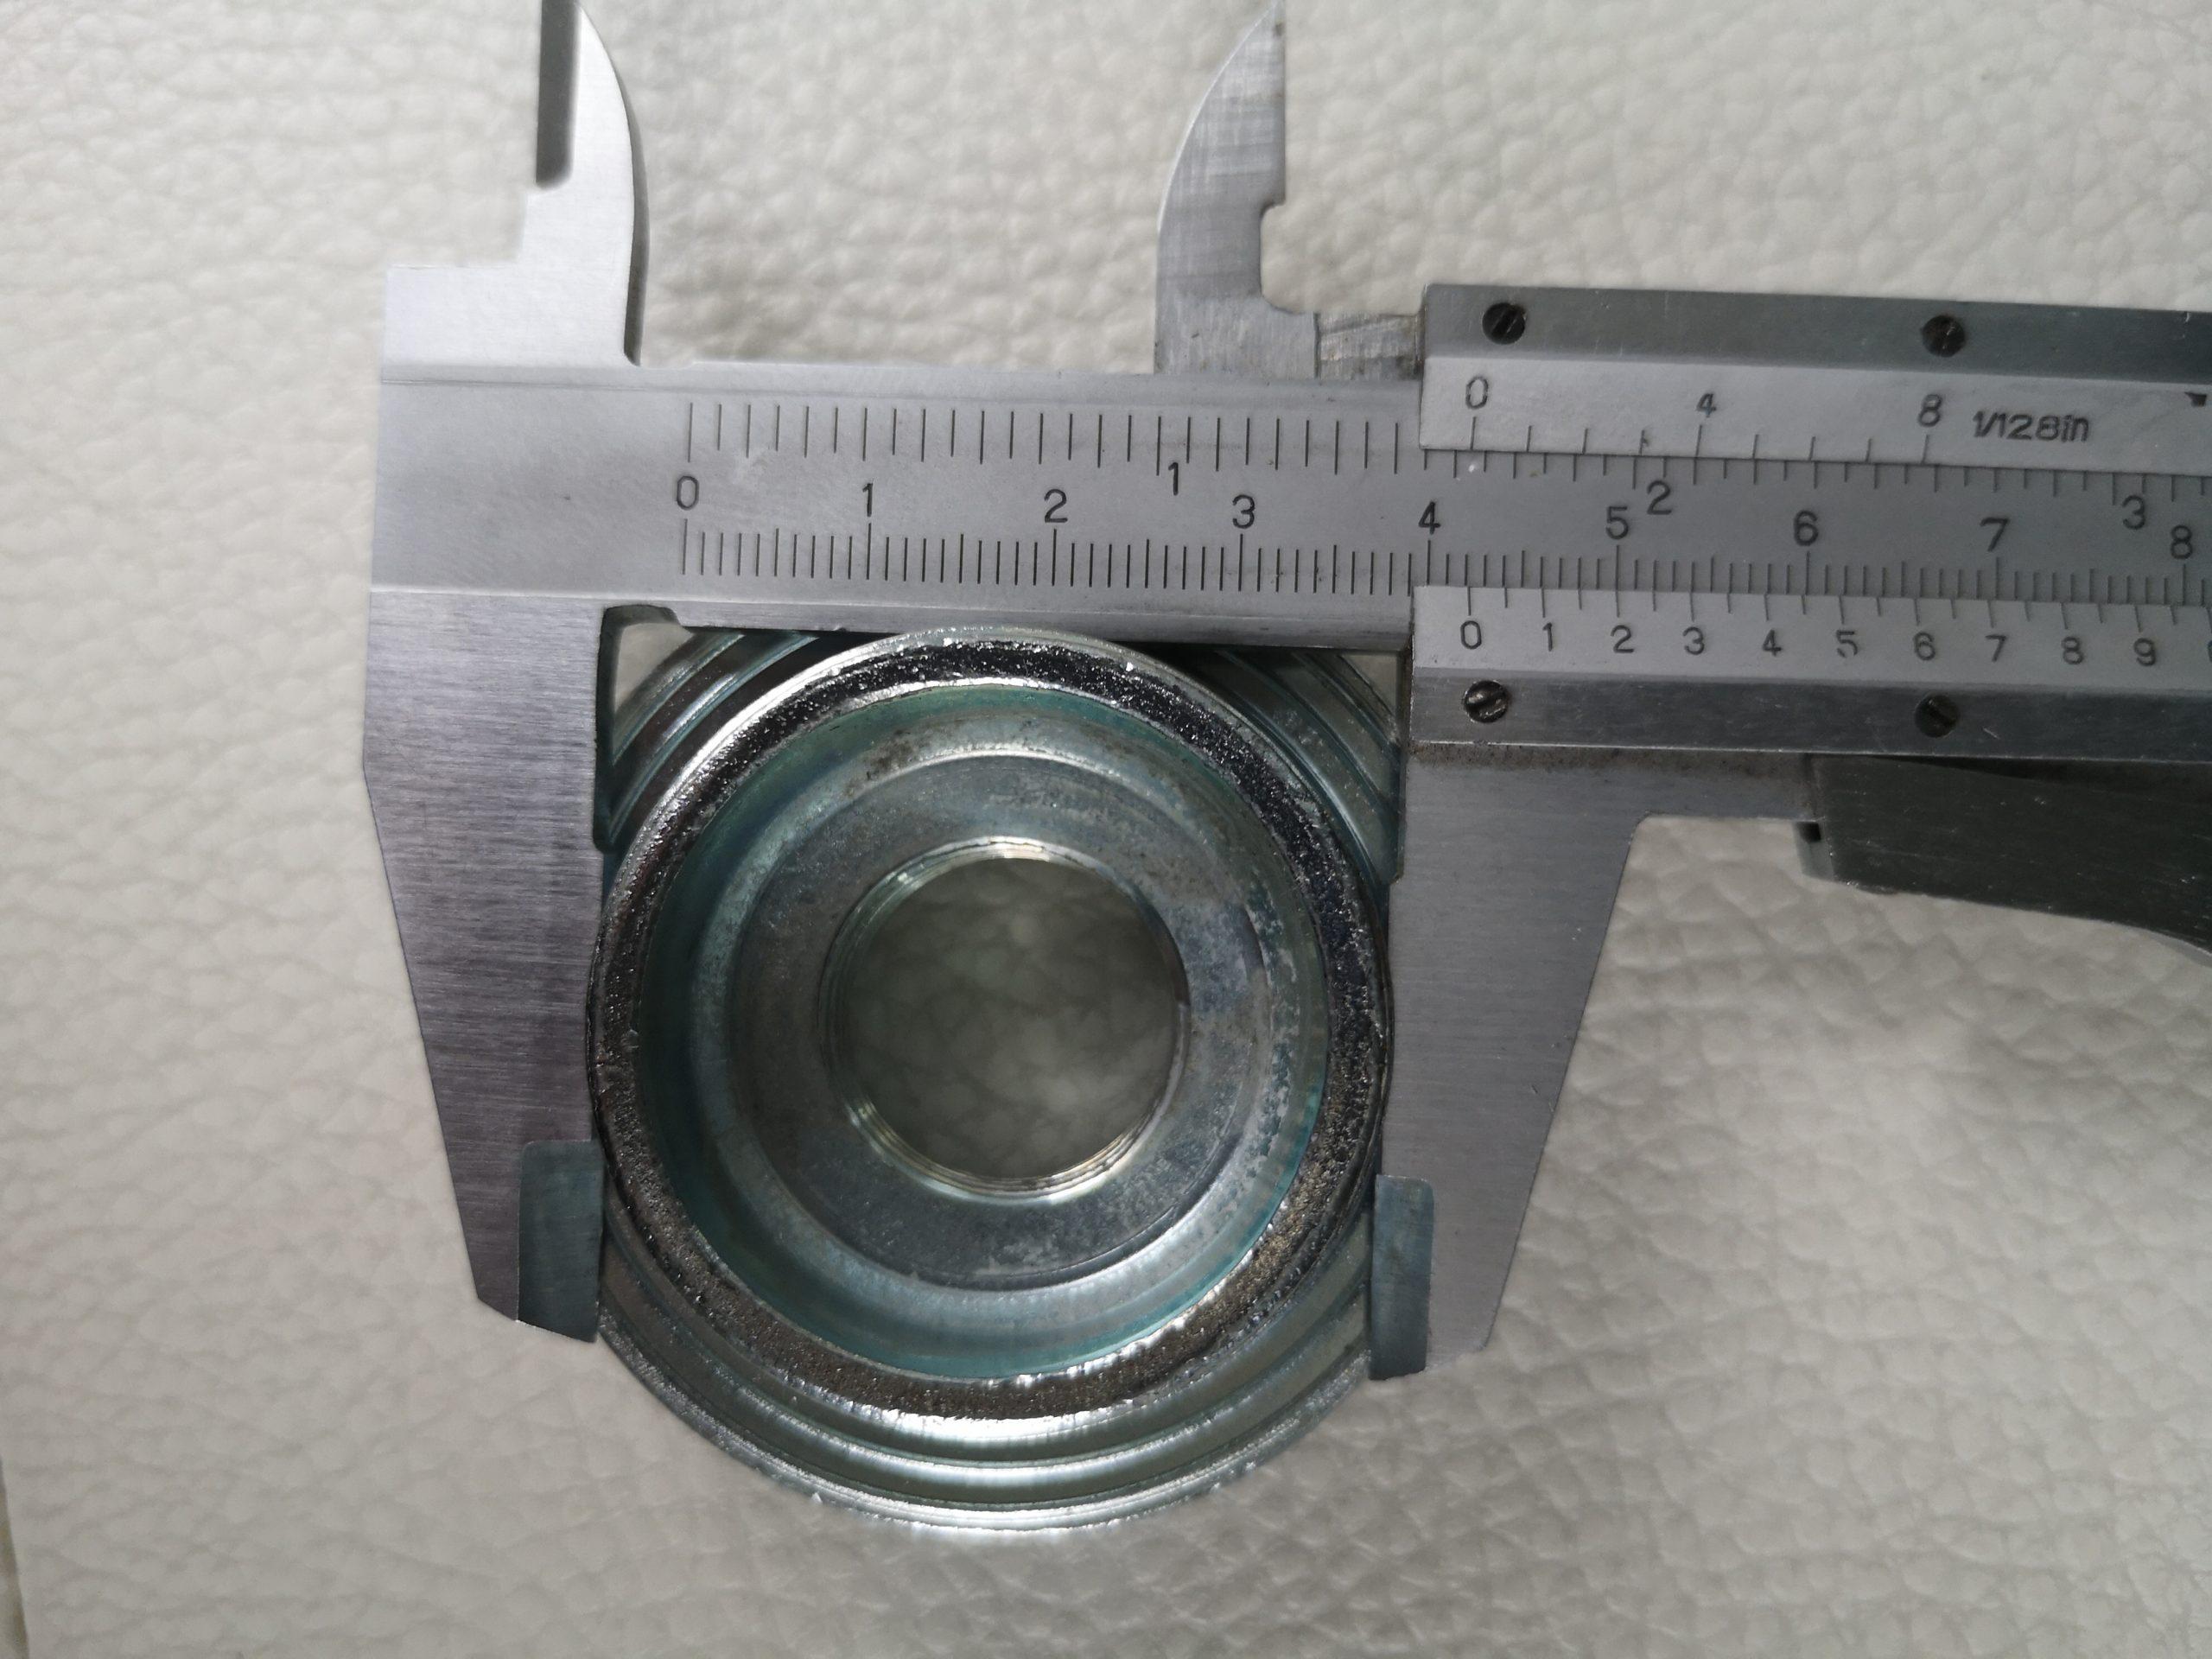 5/4 inch 42 mm